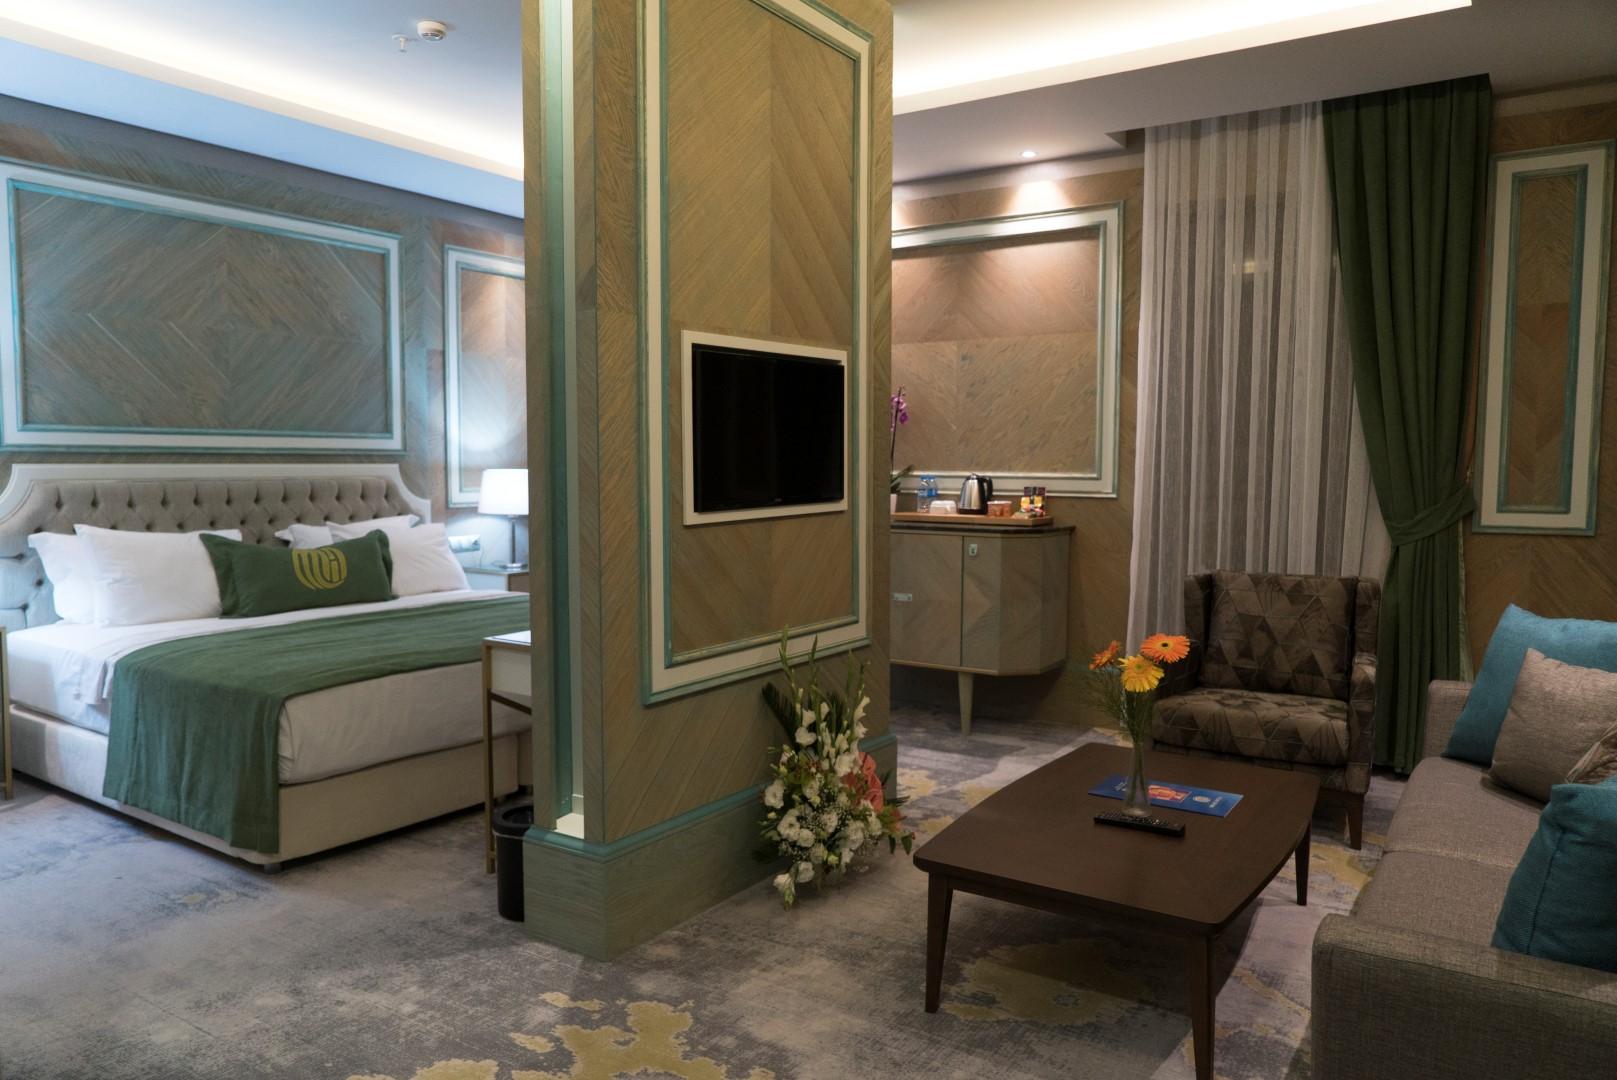 junior-suite-mirart-hotel (2)